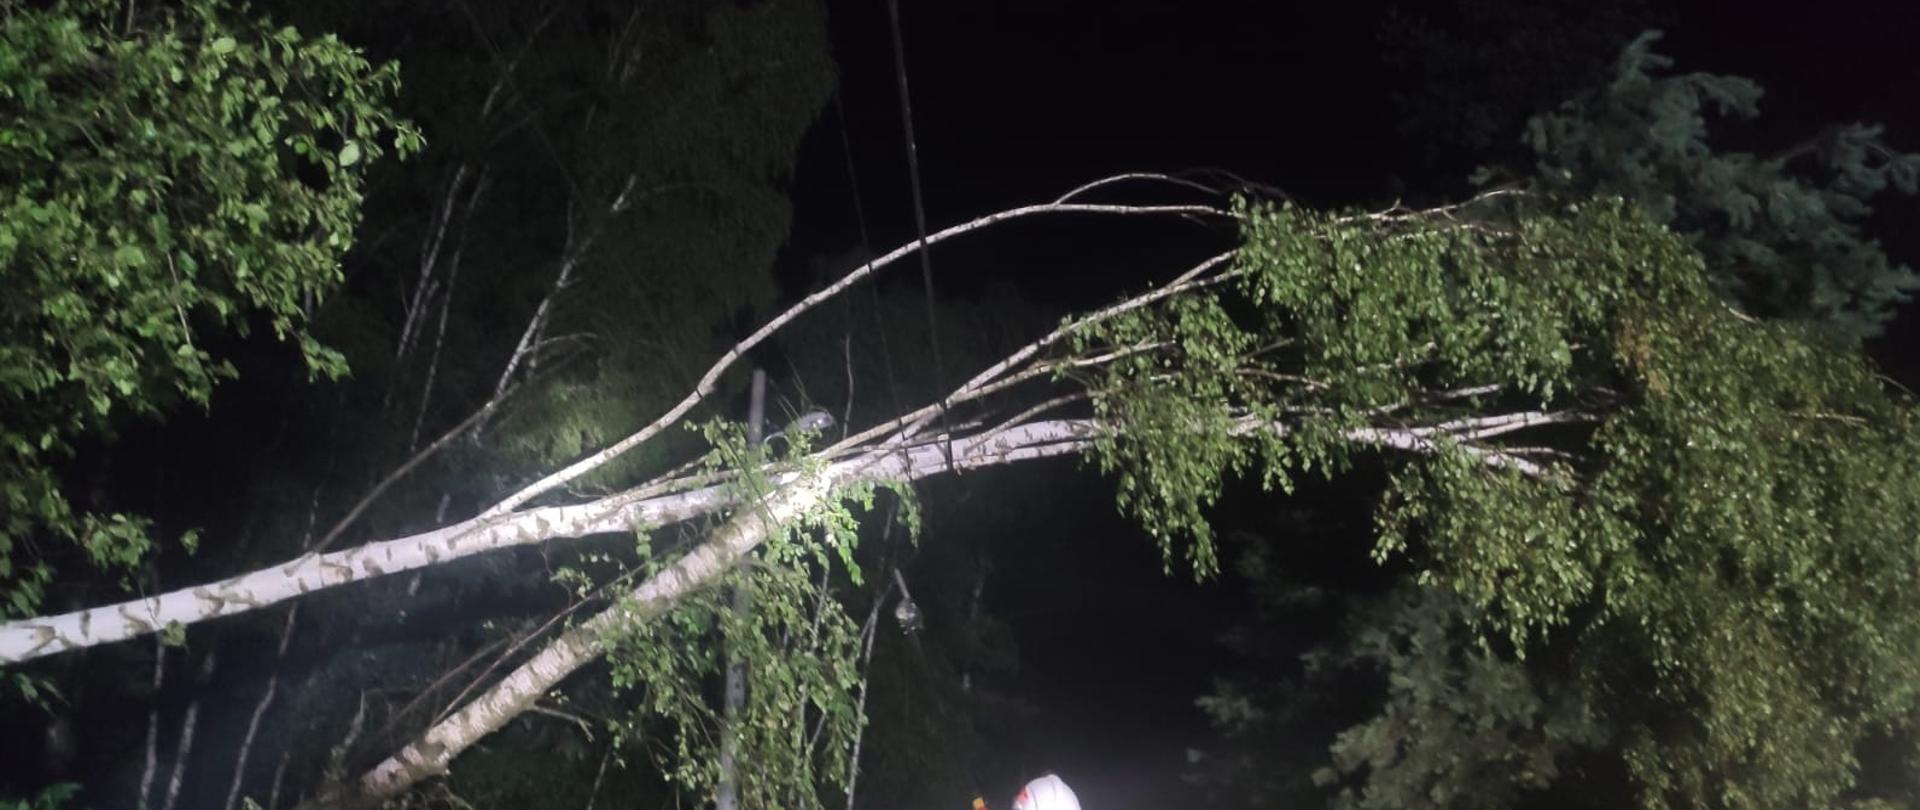 Zdjęcie przedstawia dwa przewrócone drzewa leżące na linii energetycznej. zdjęcie zrobione jest w nocy.